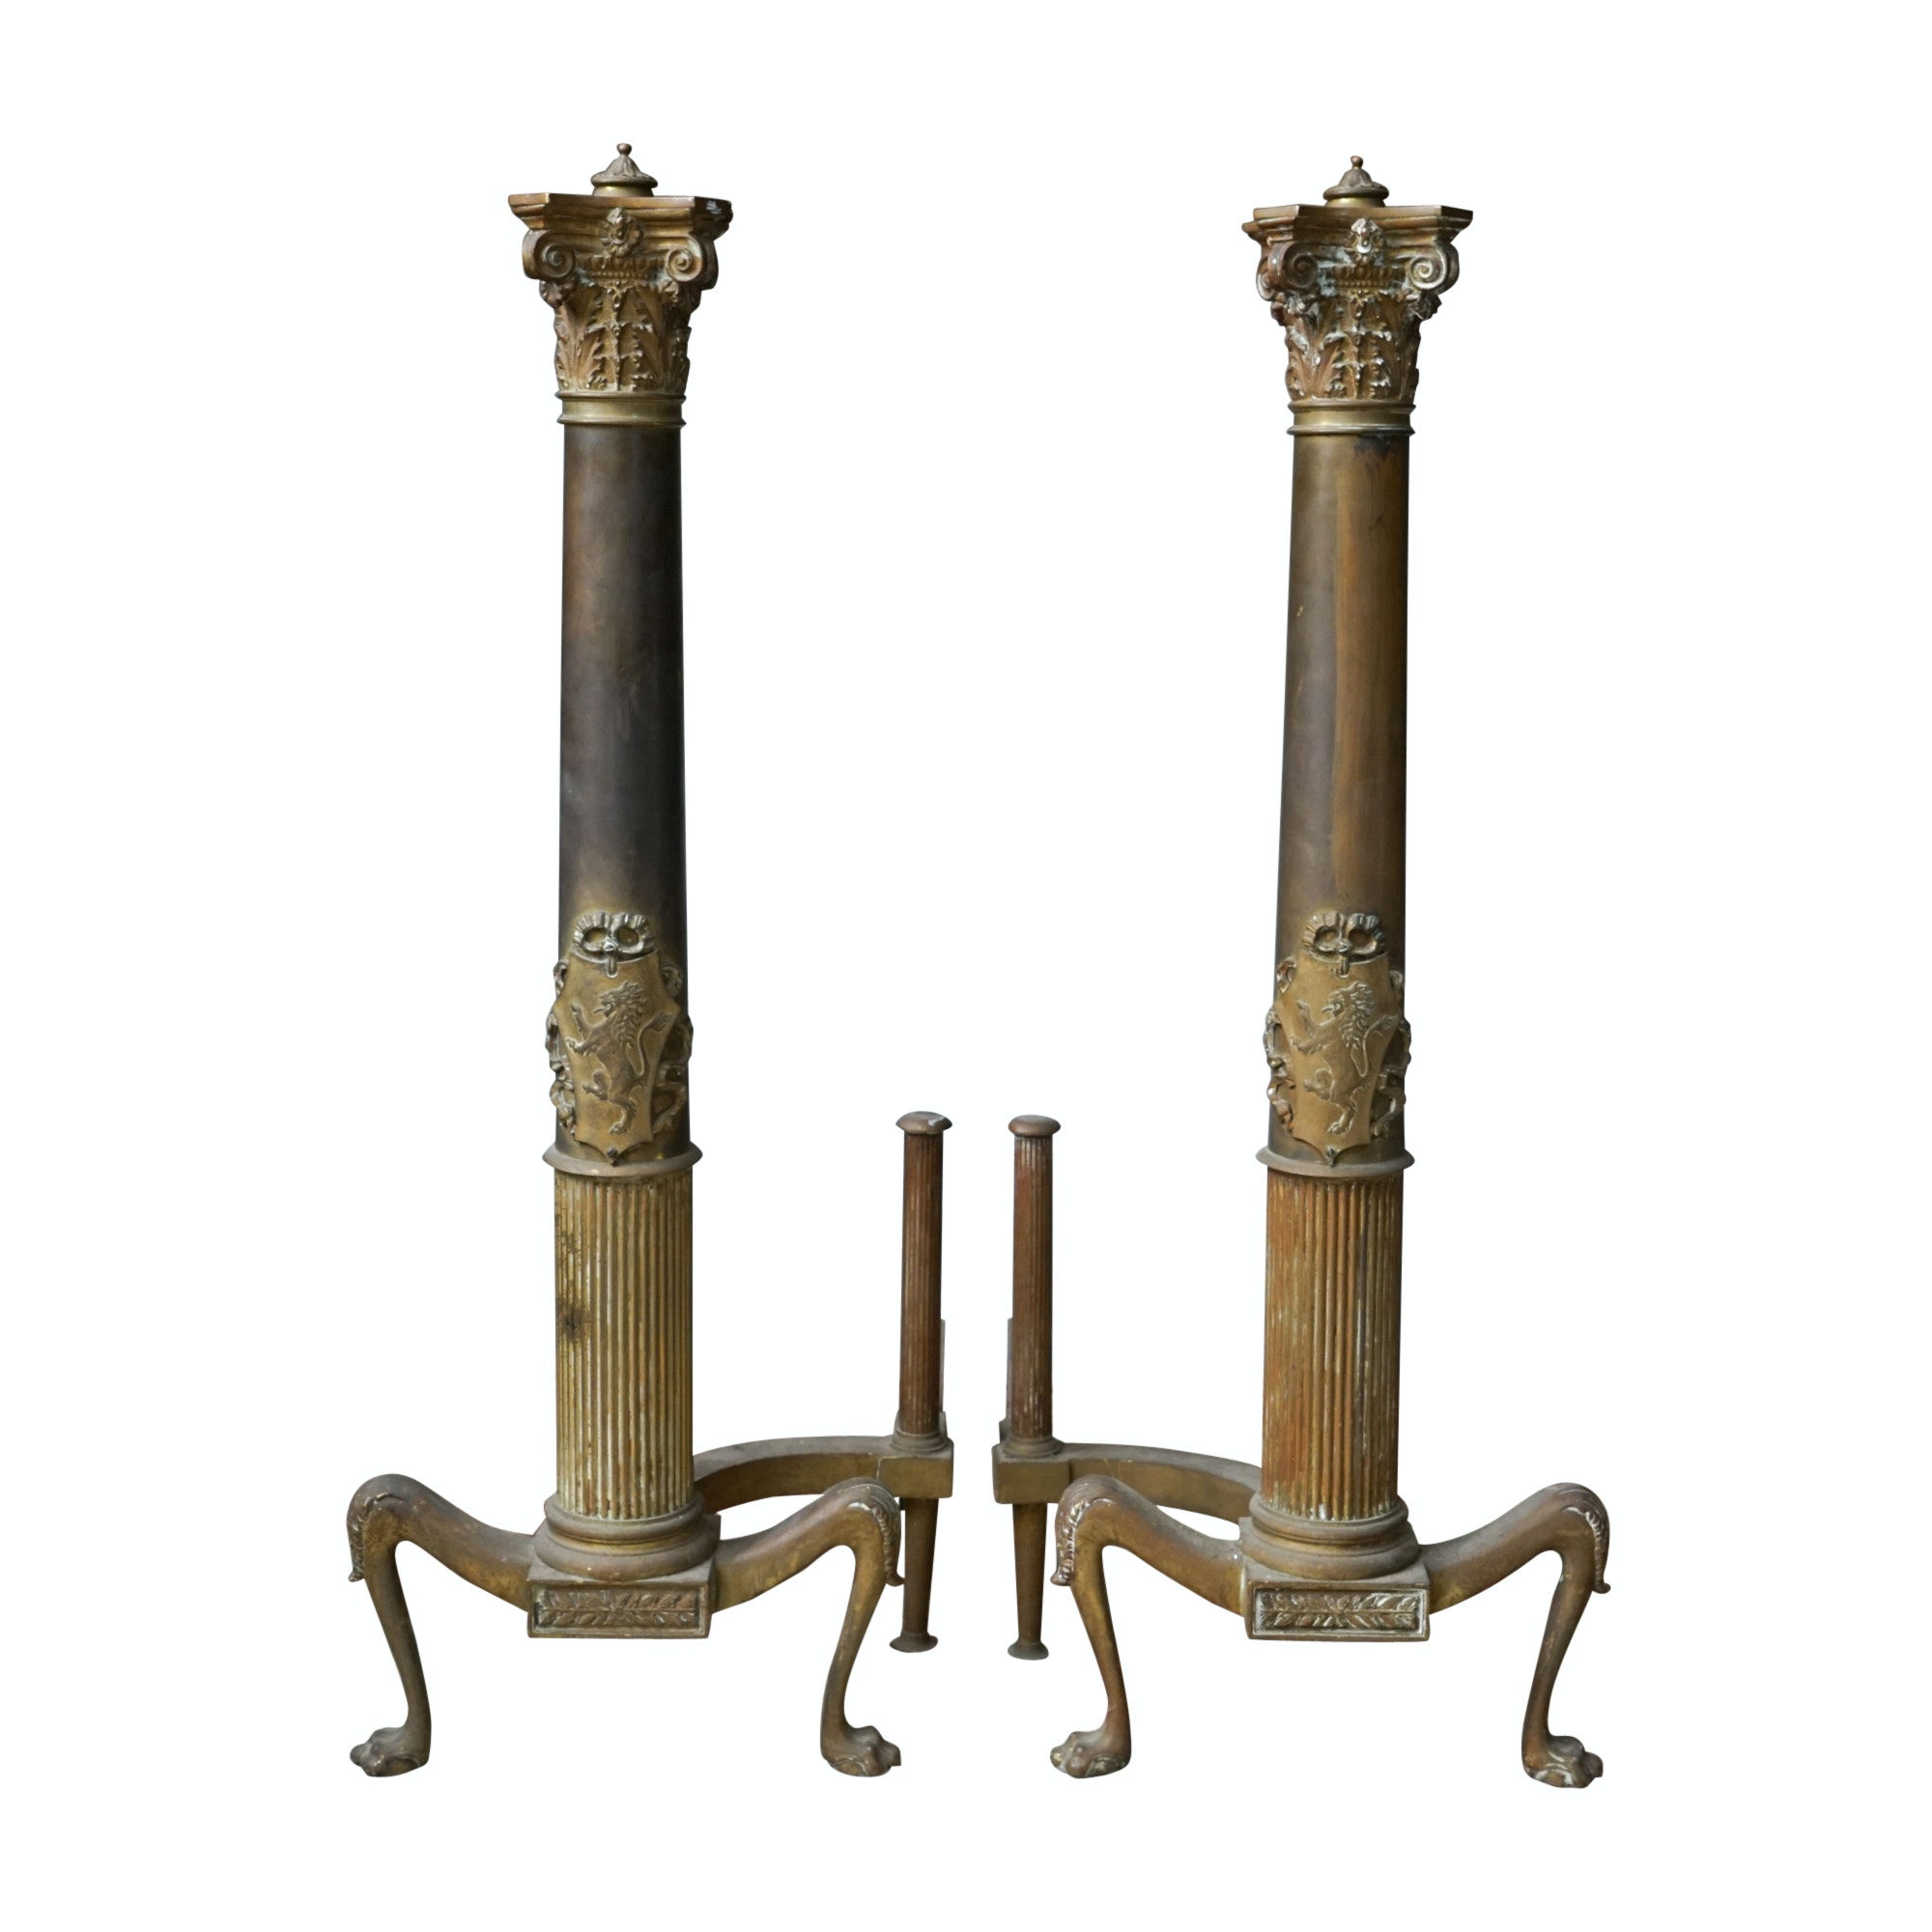 Antique Tudor Revival Brass Andirons